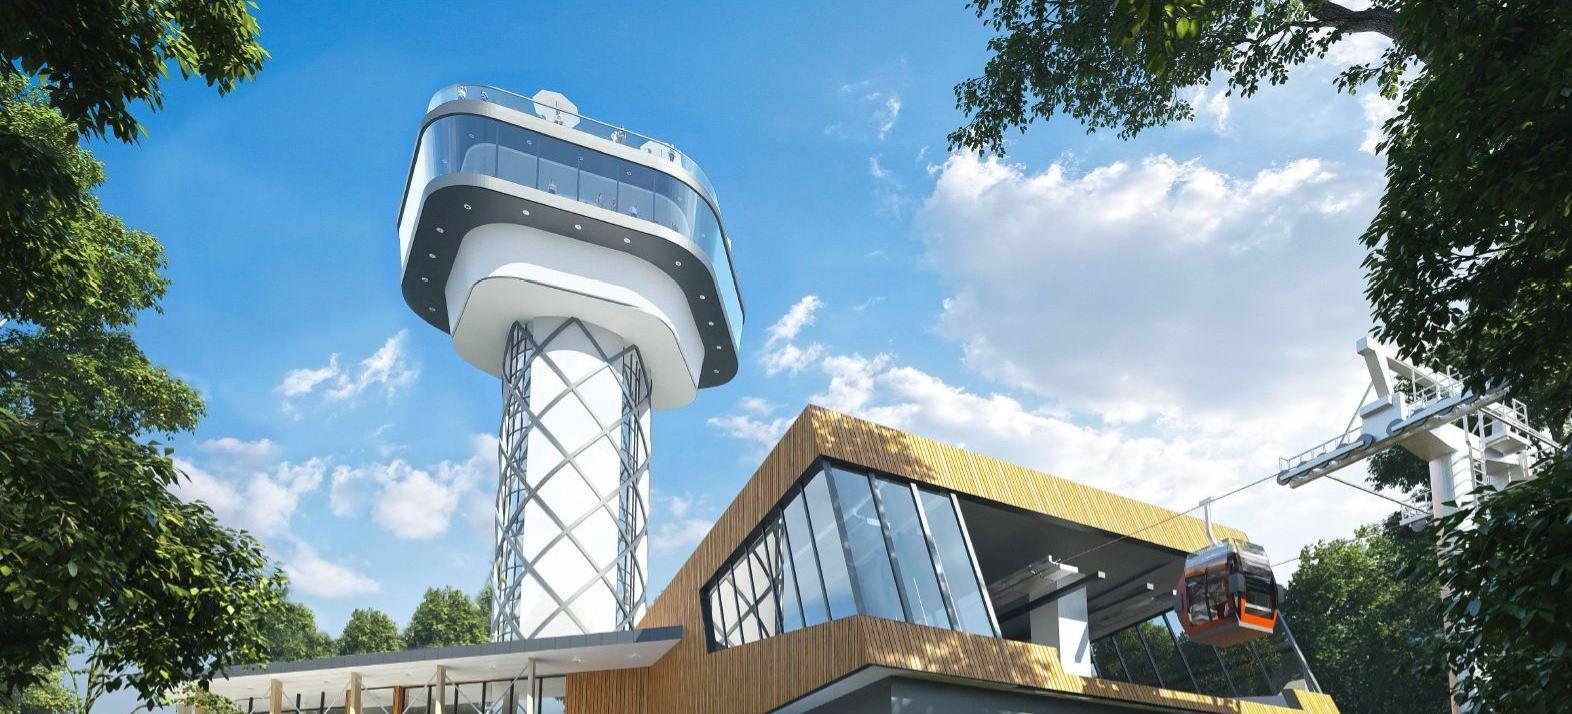 Tak będzie wyglądać kolejka gondolowa i wieża widokowa nad Soliną! (ZDJĘCIA)